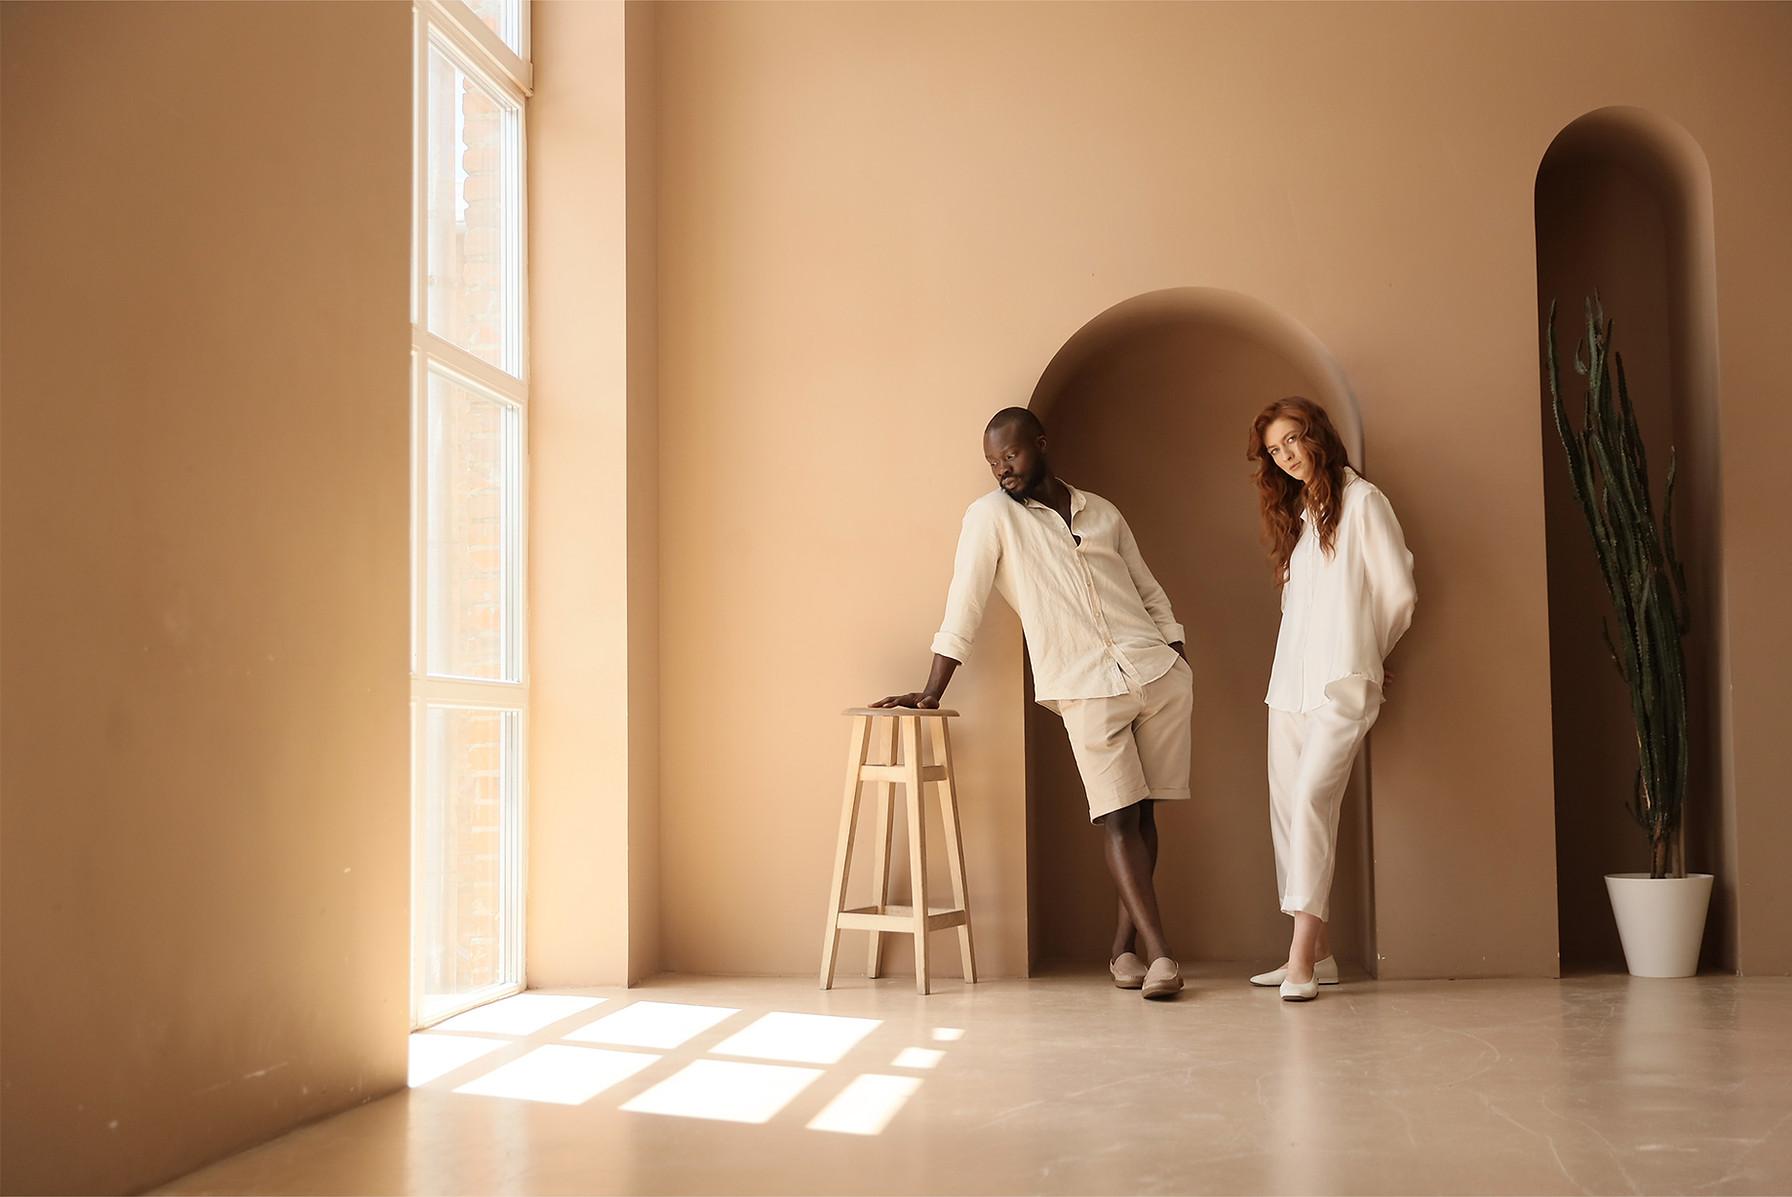 Achtergrondafbeelding van een redactioneel shot van twee mensen in een minimalistisch ontworpen kamer, gekleed in lichtgekleurde linnen kleding.